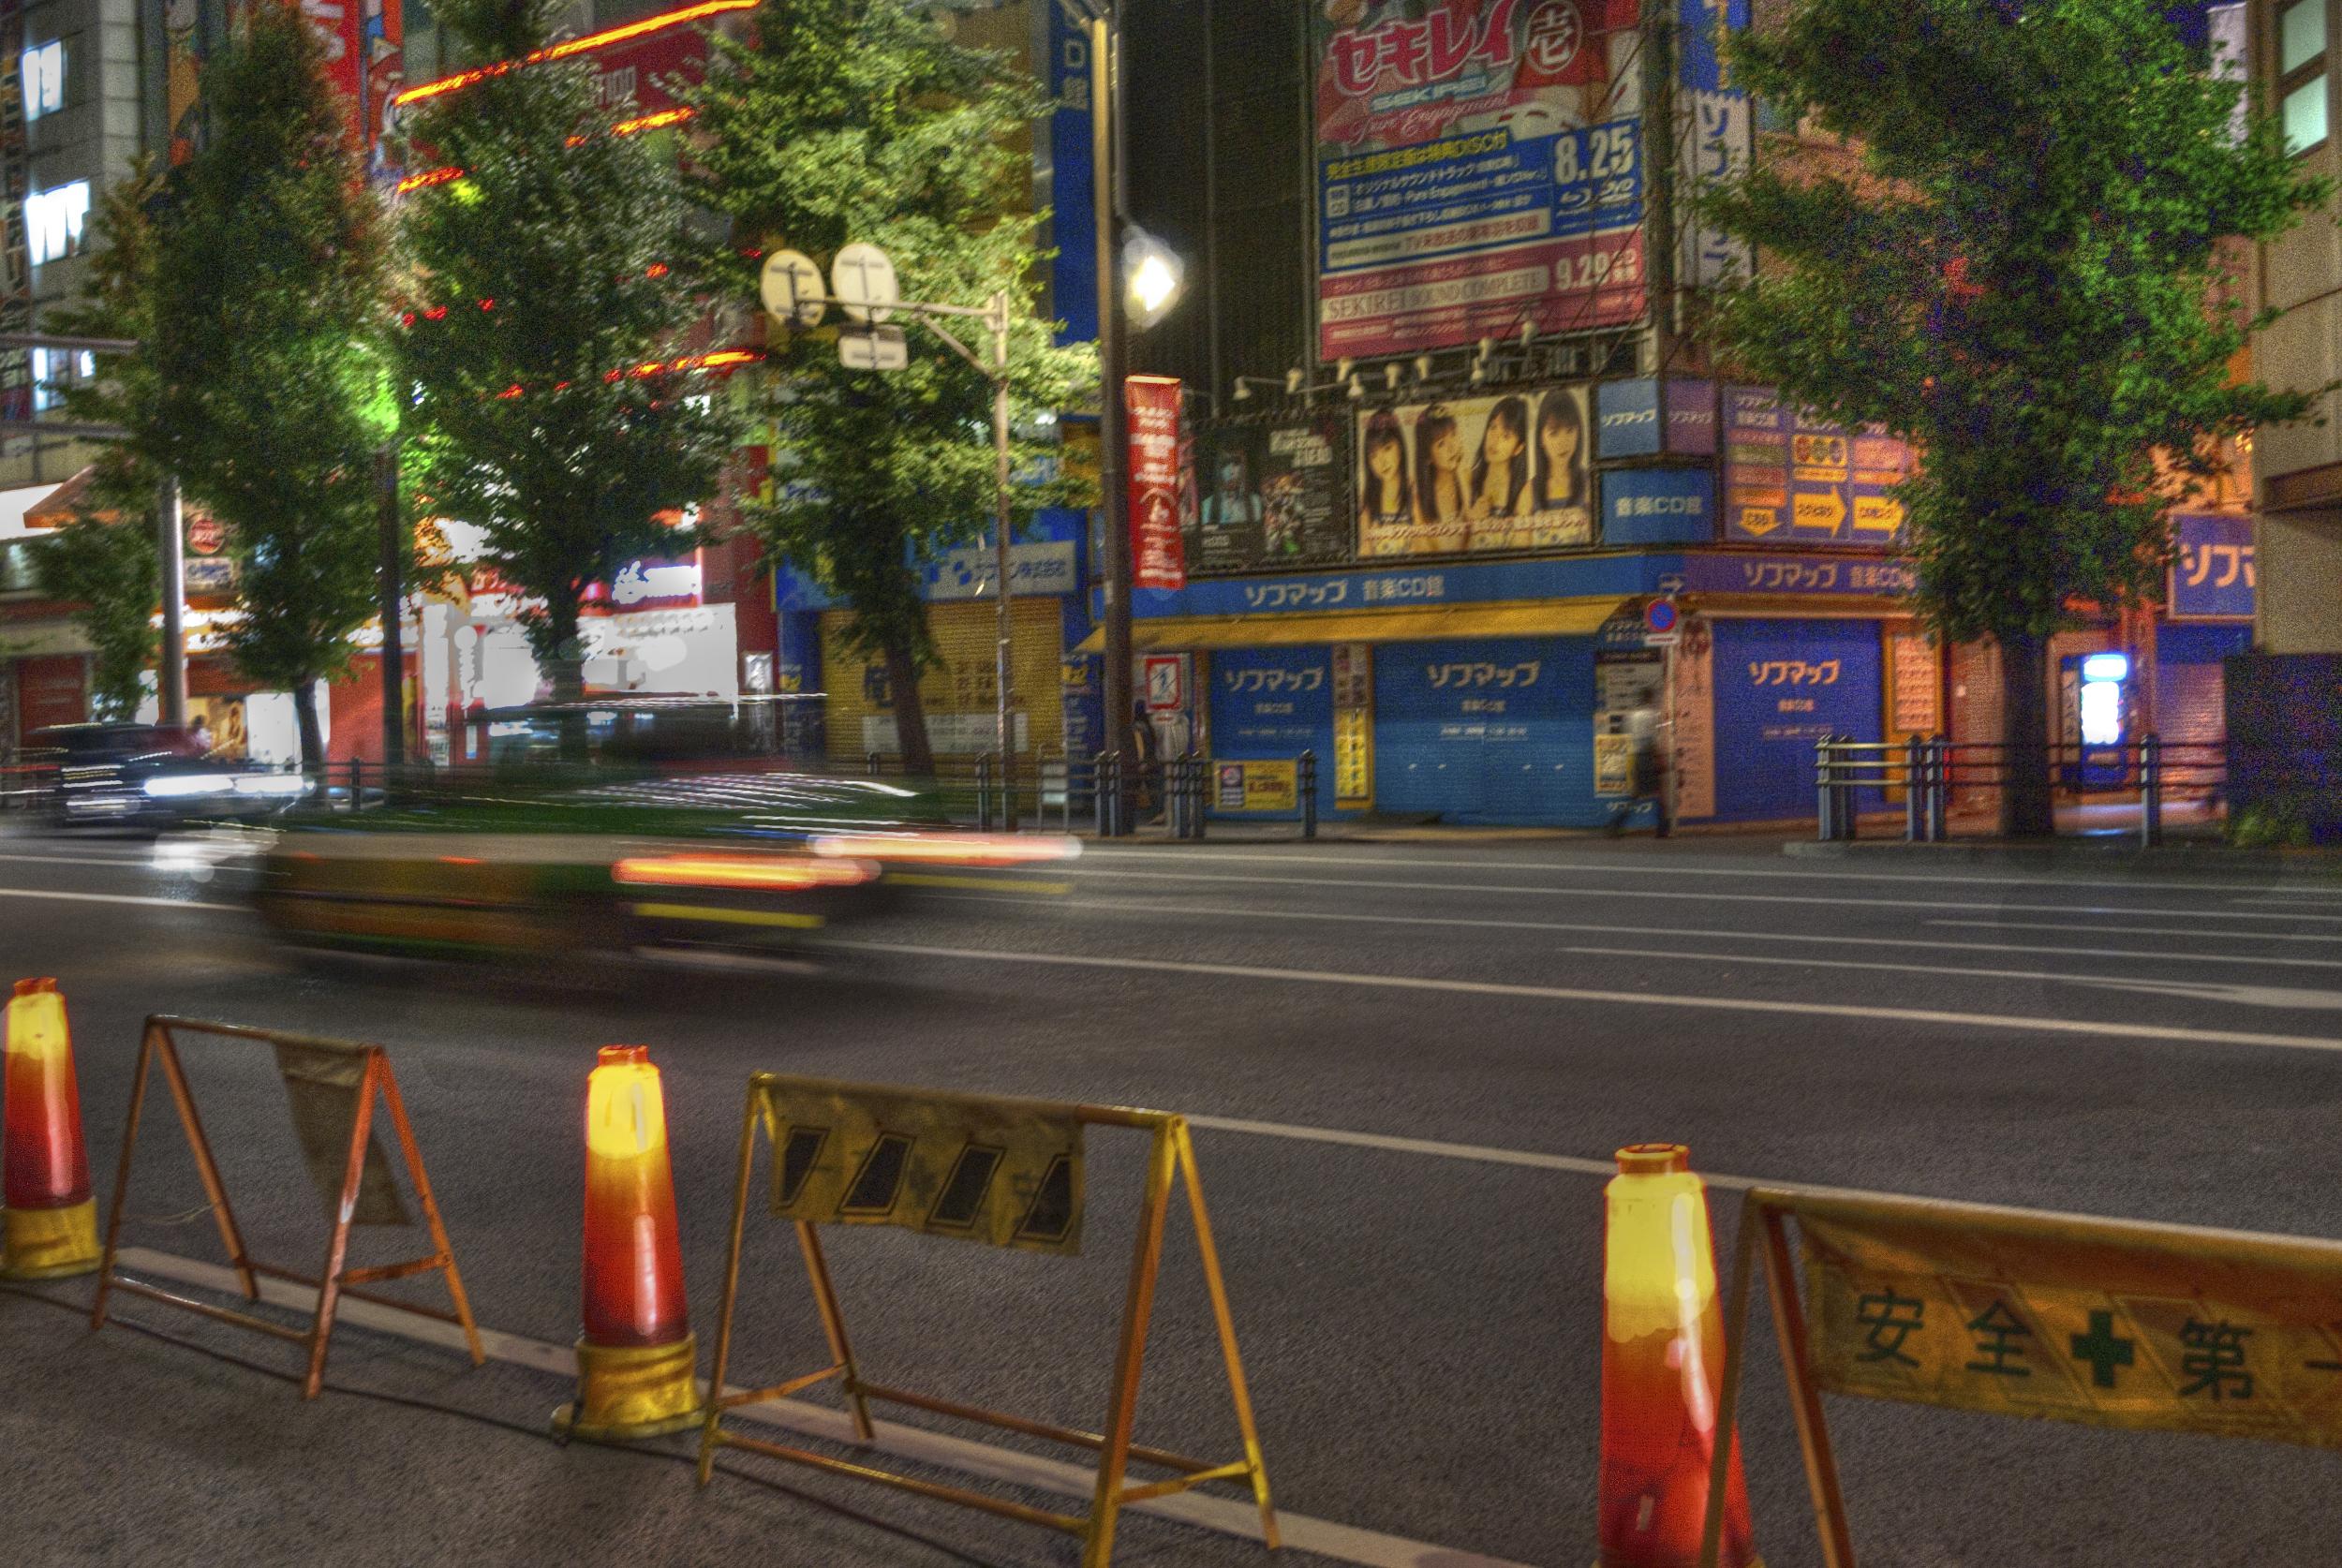 Japan: console and game sales plummet following Golden Week screenshot